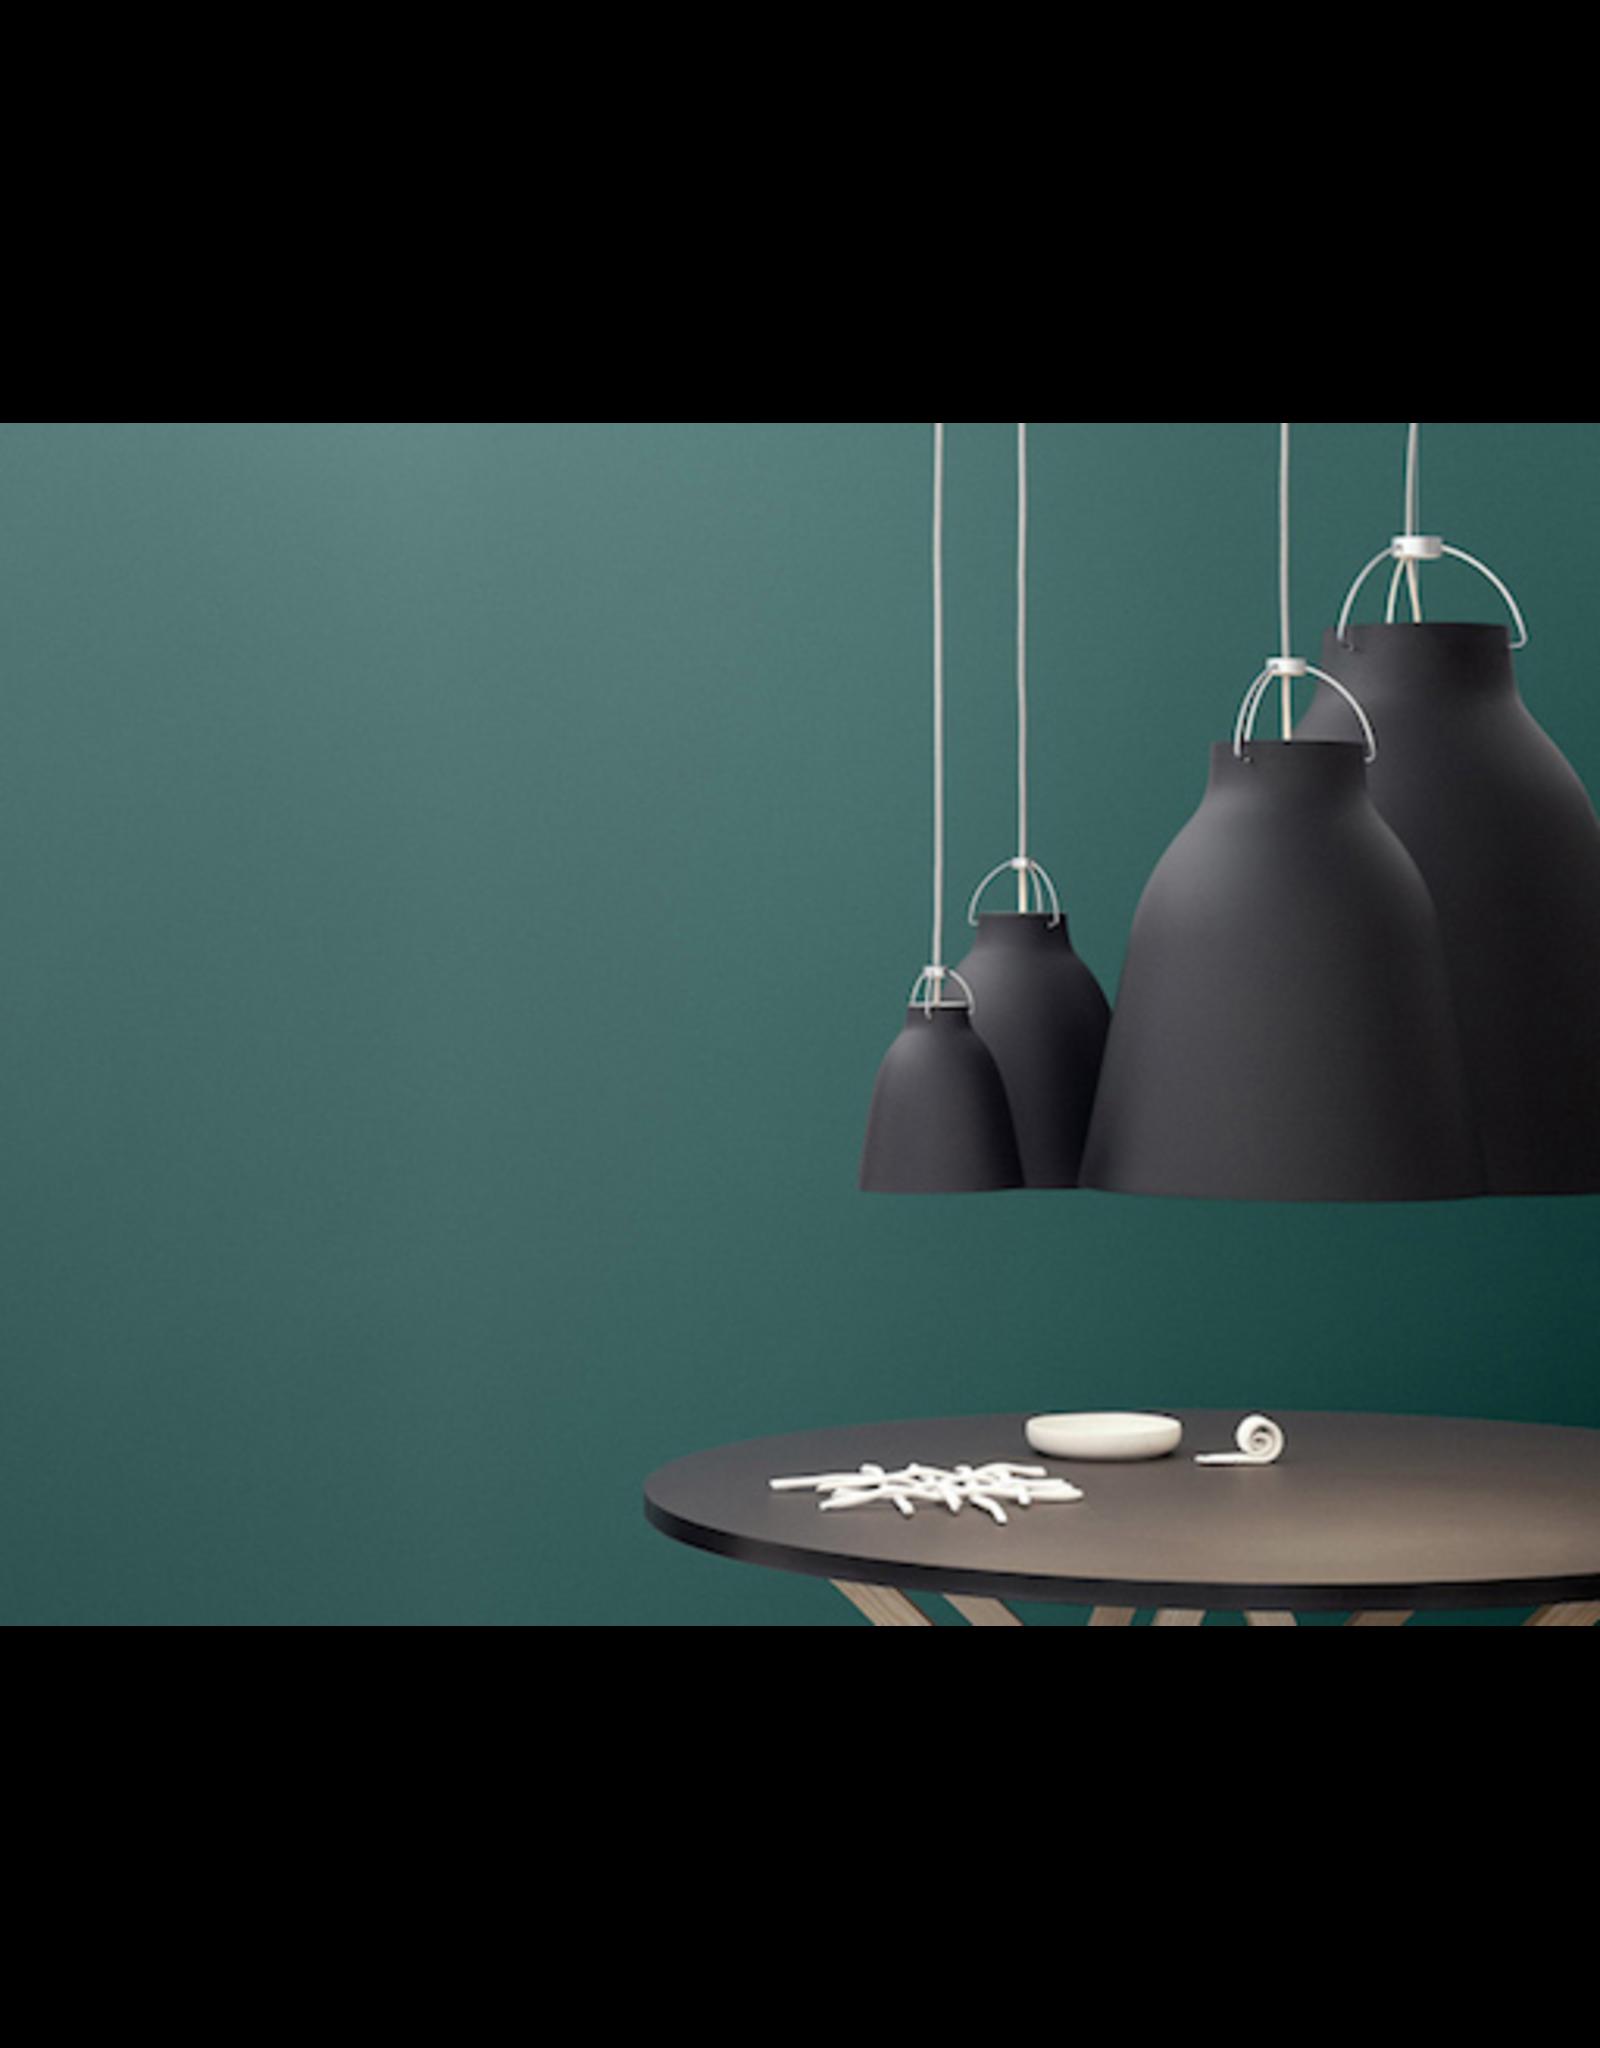 CARAVAGGIO PENDANT LIGHT IN BLACK MATT LACQUER